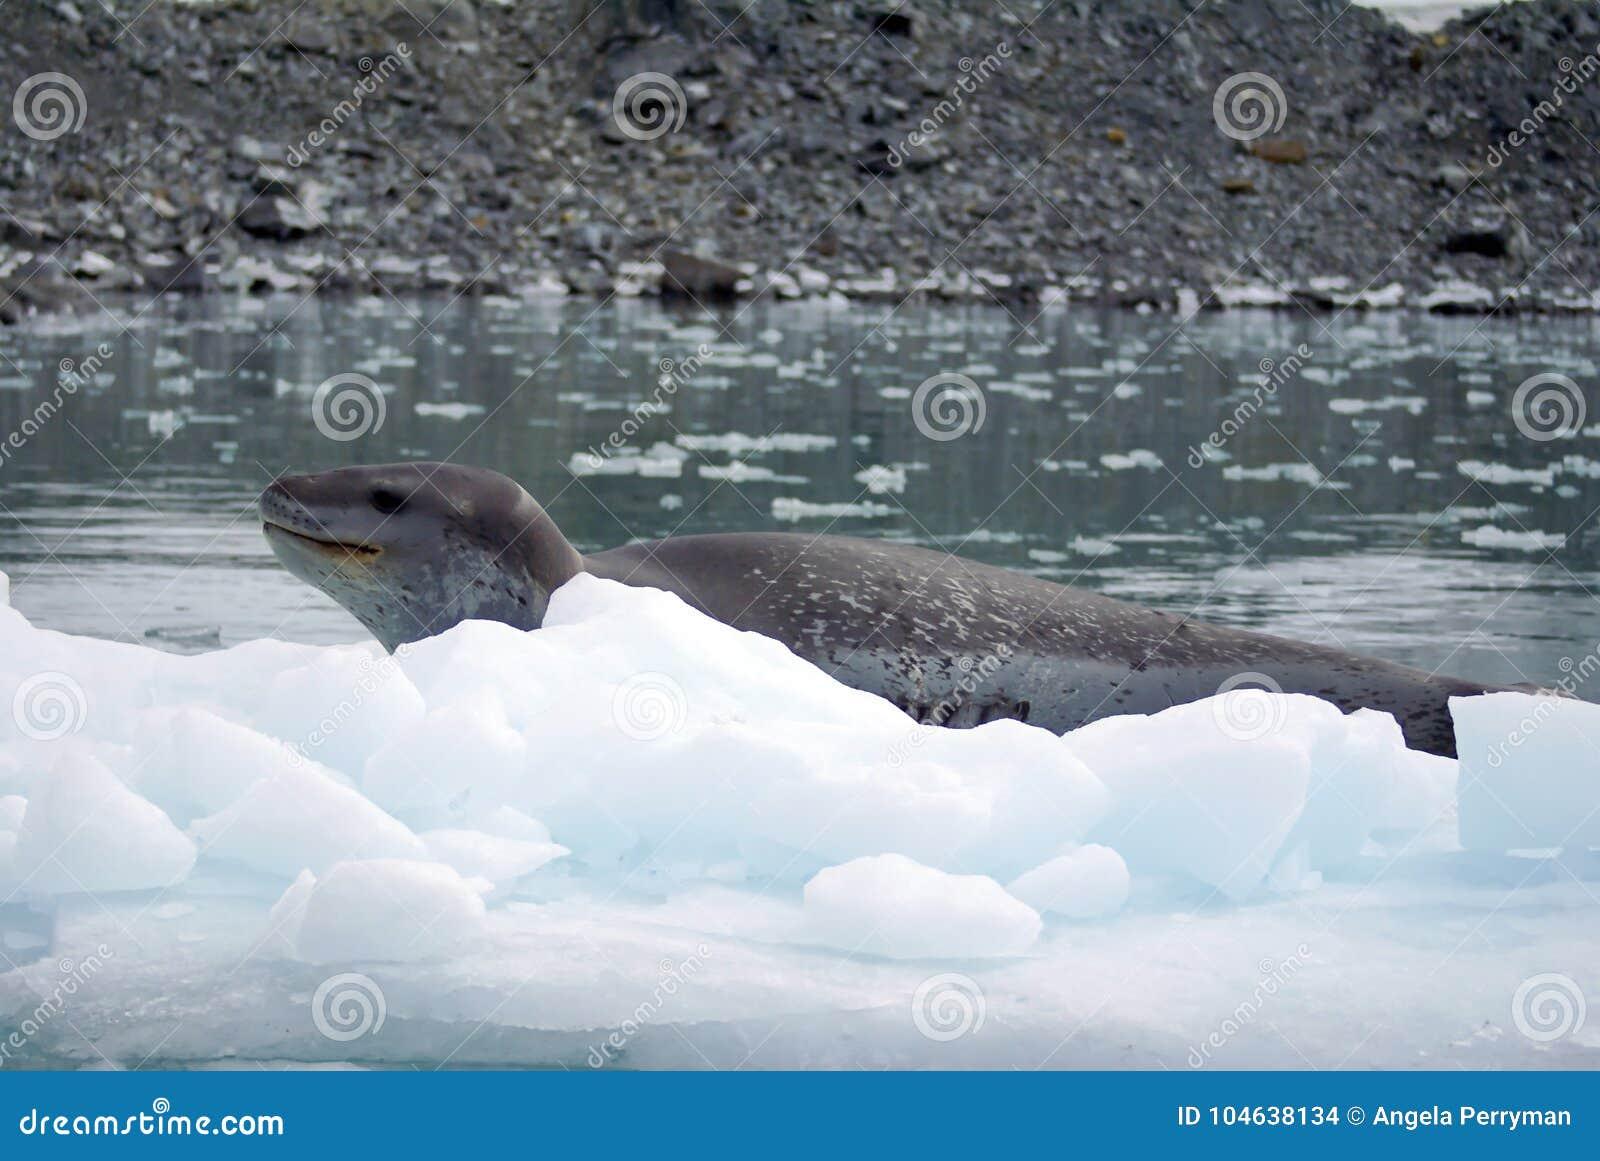 Download Luipaardverbinding Op Een Ijsberg Stock Foto - Afbeelding bestaande uit overzees, wateren: 104638134